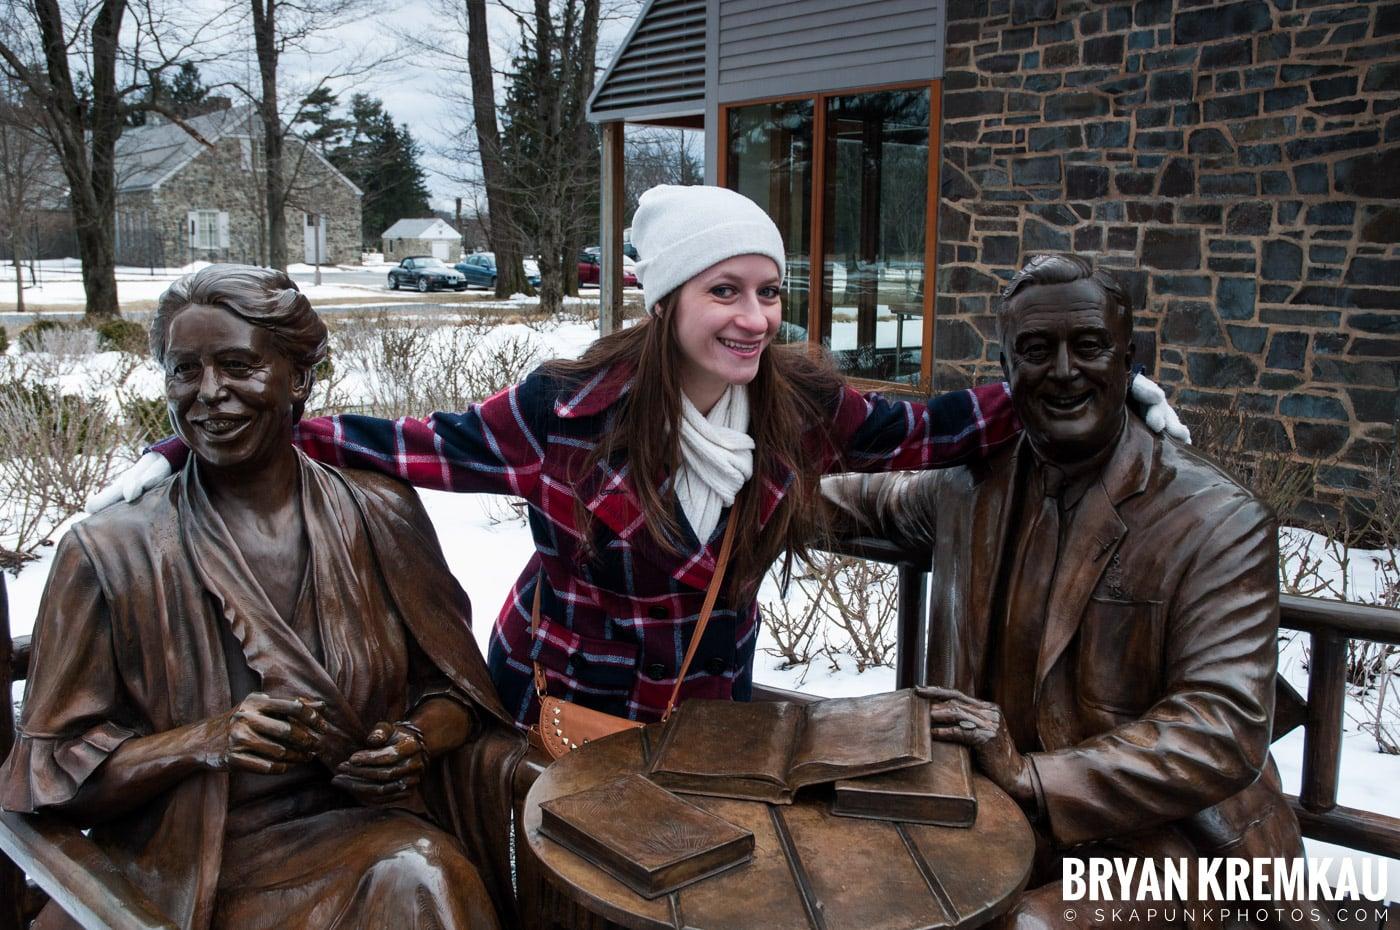 Valentine's Day Trip @ Rhinebeck, FDR's Home, Vanderbilt, Wilderstein Historic Site, NY - 2.14.10 (17)